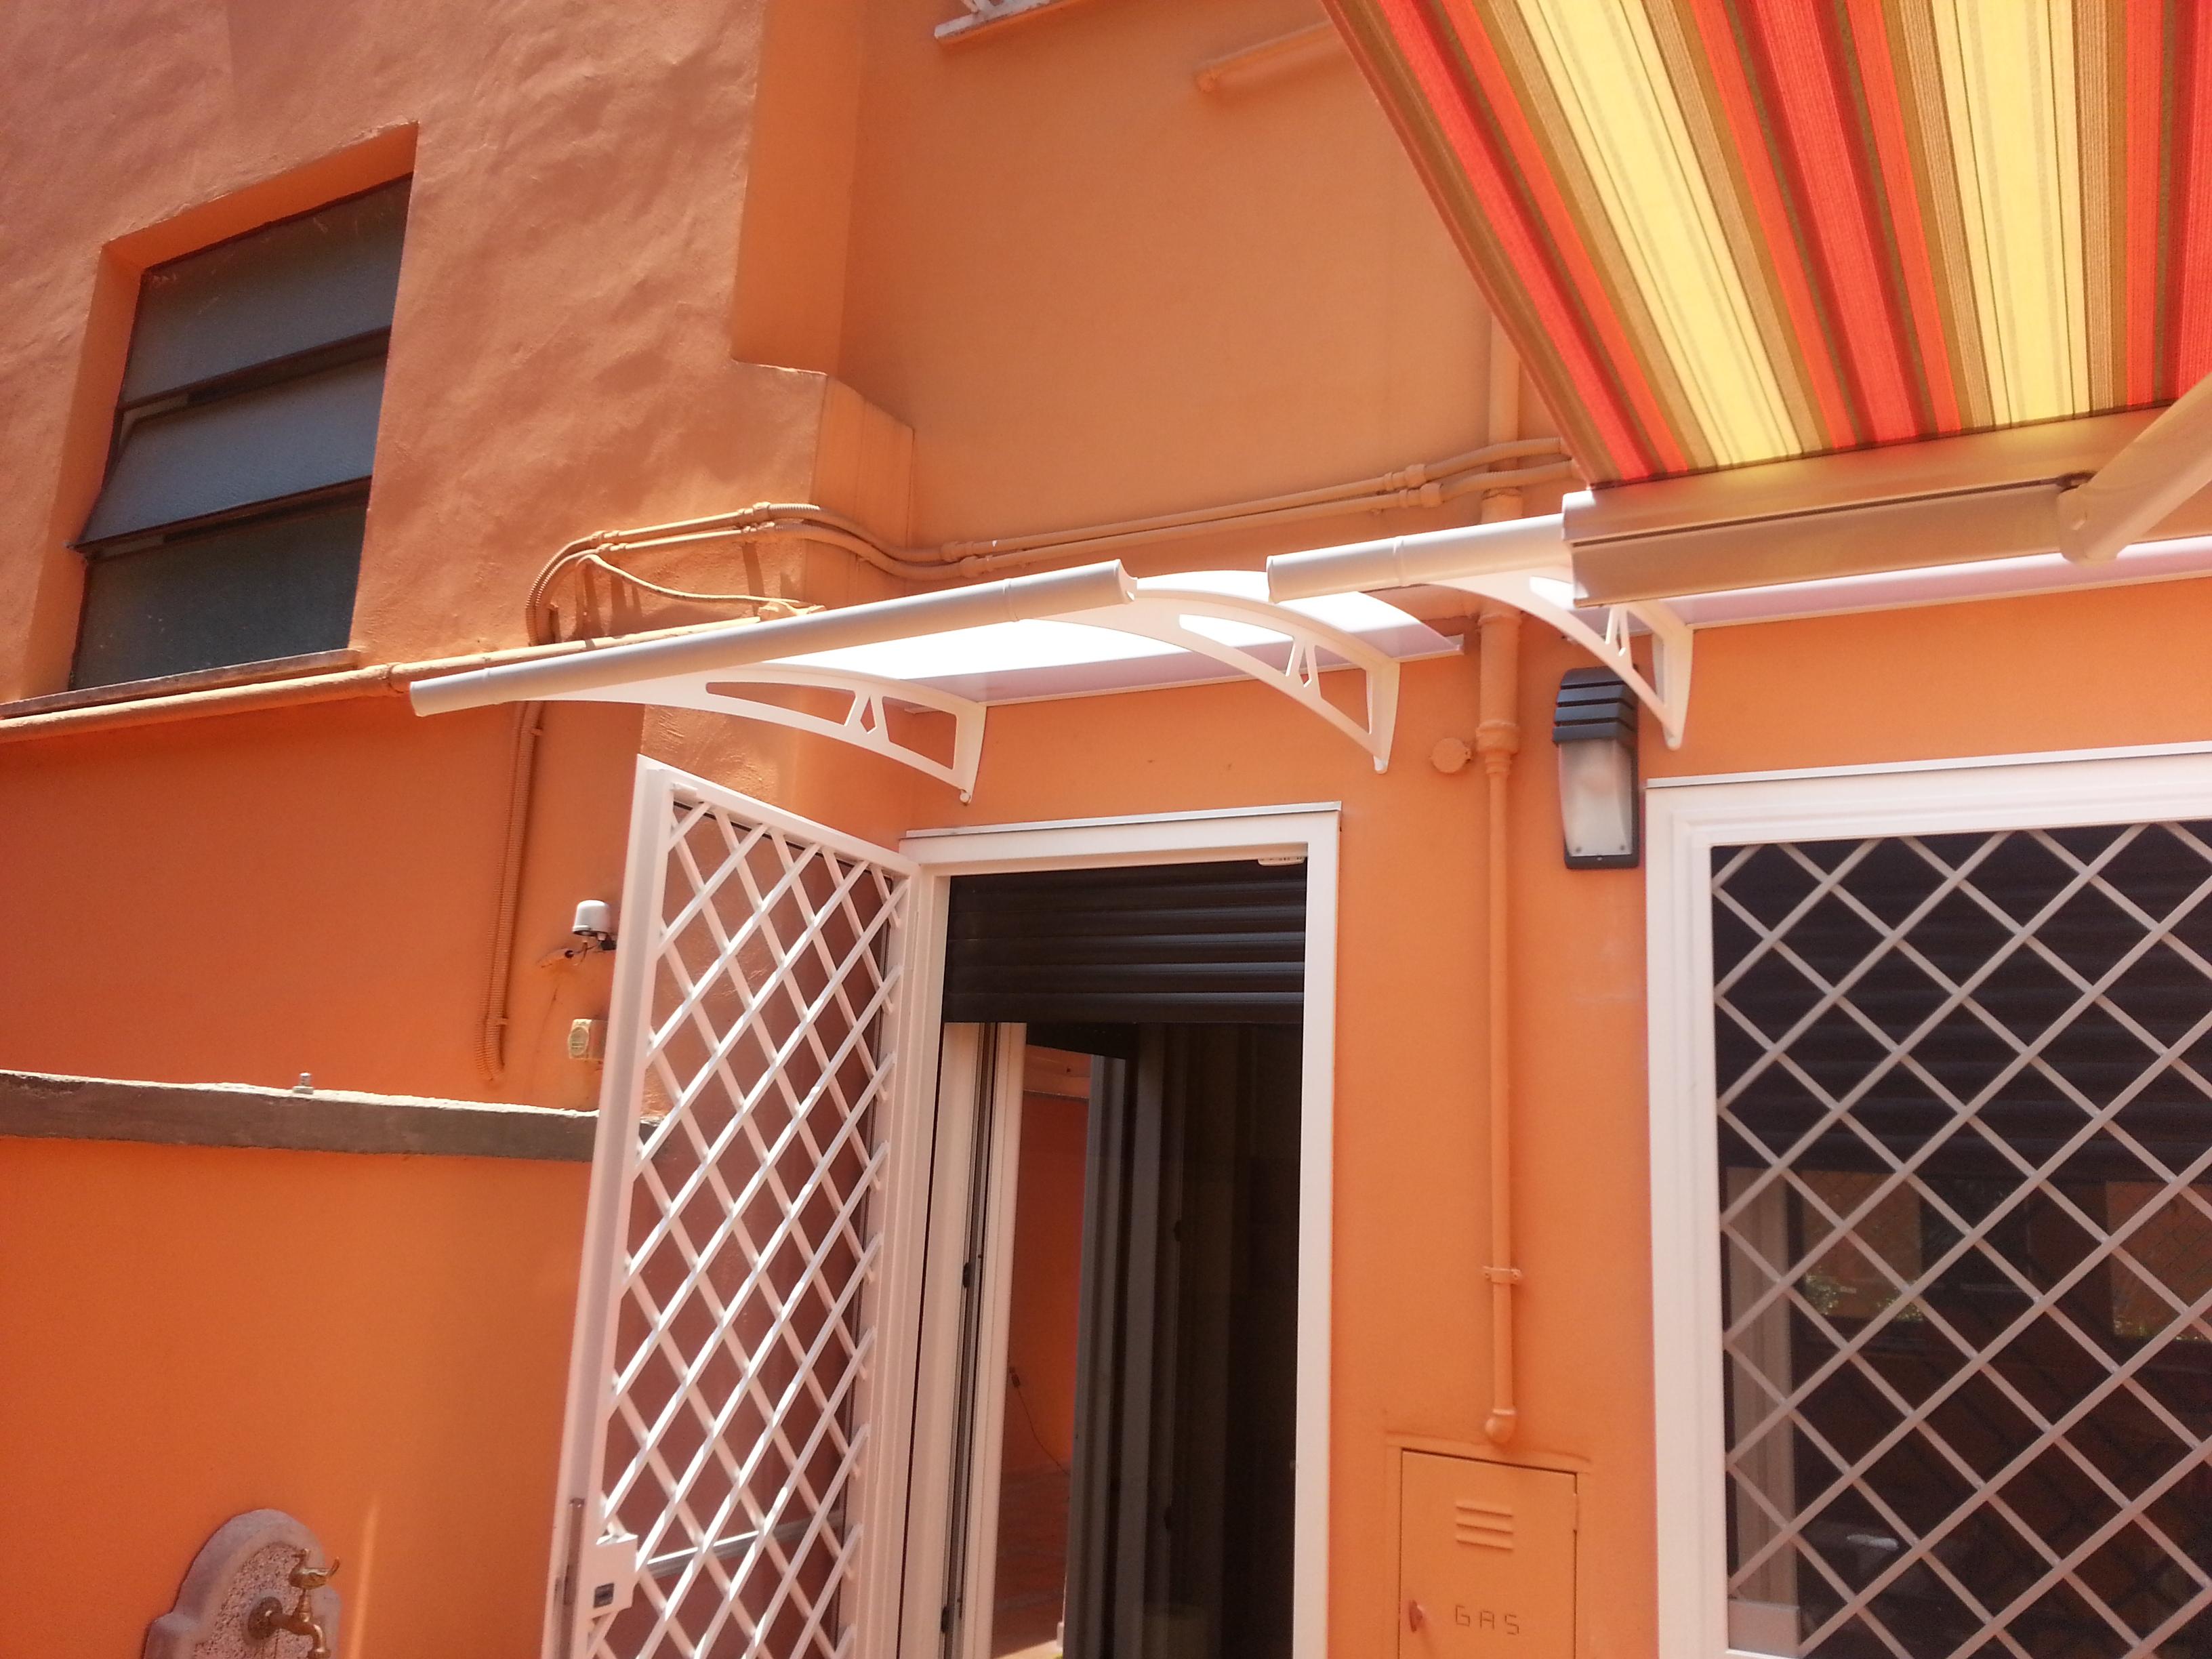 Pensilina arcuata con decorazioni essenziali e copertura semitrasparente